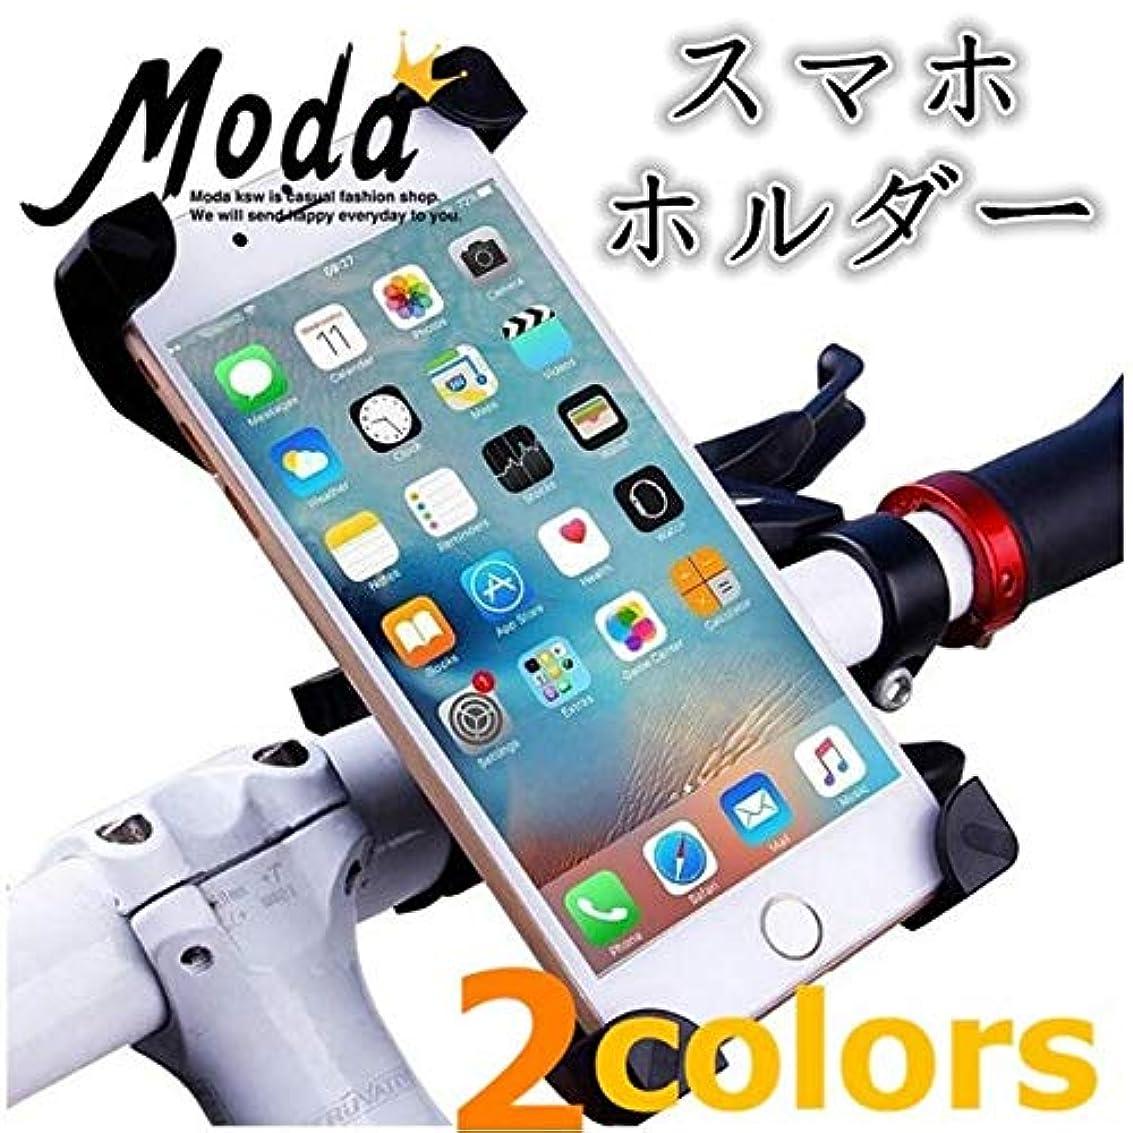 小間賃金アーティキュレーションスマホホルダー 自転車 多機種対応 iPhone スマトフォン 携帯ホルダー 360度回転可能 伸縮可能